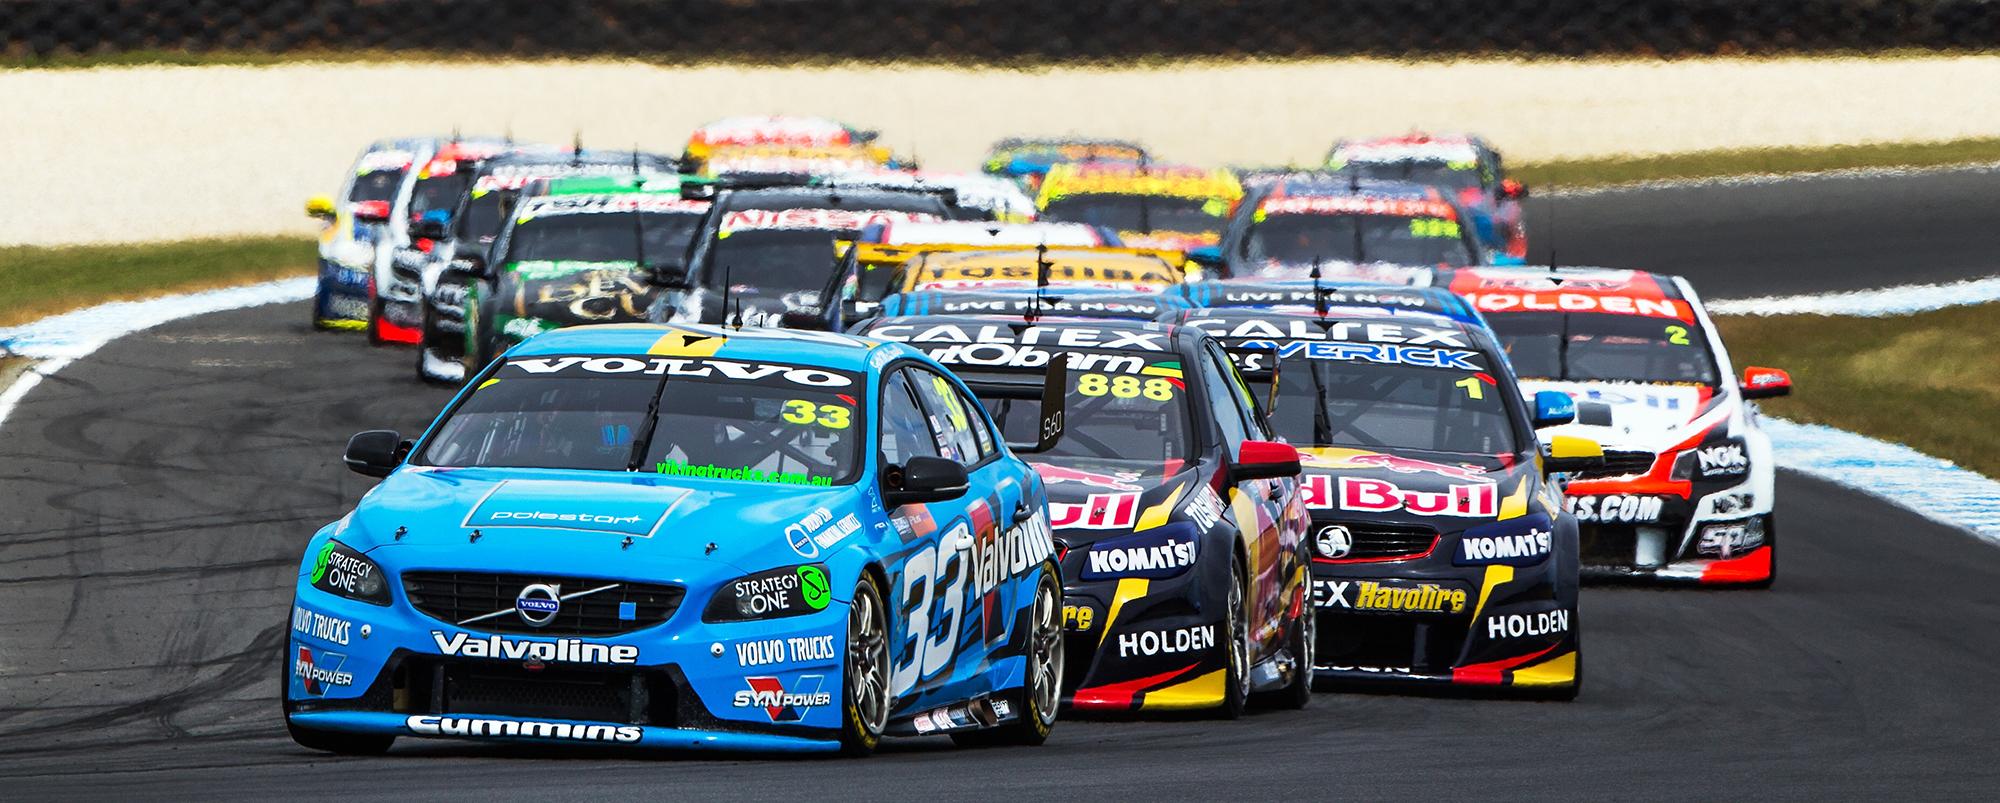 Images Of V8 Supercars - Australian V8 Supercars - HD Wallpaper